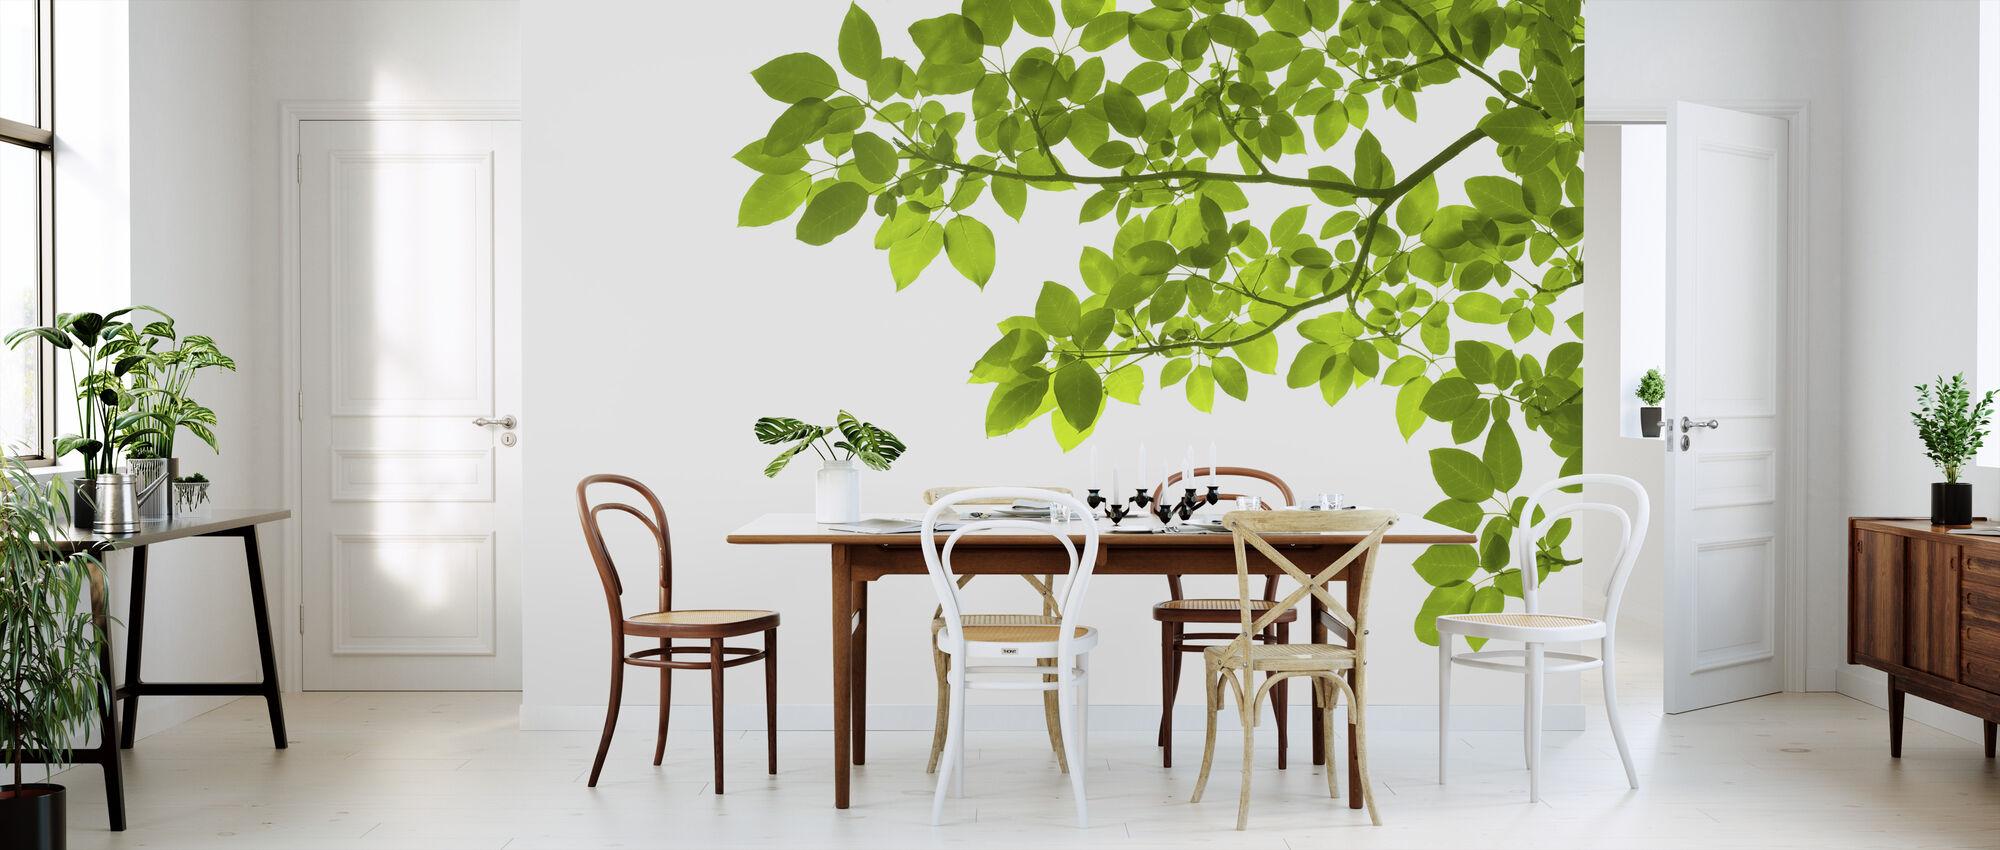 Groene Bladeren Hoek - Behang - Keuken